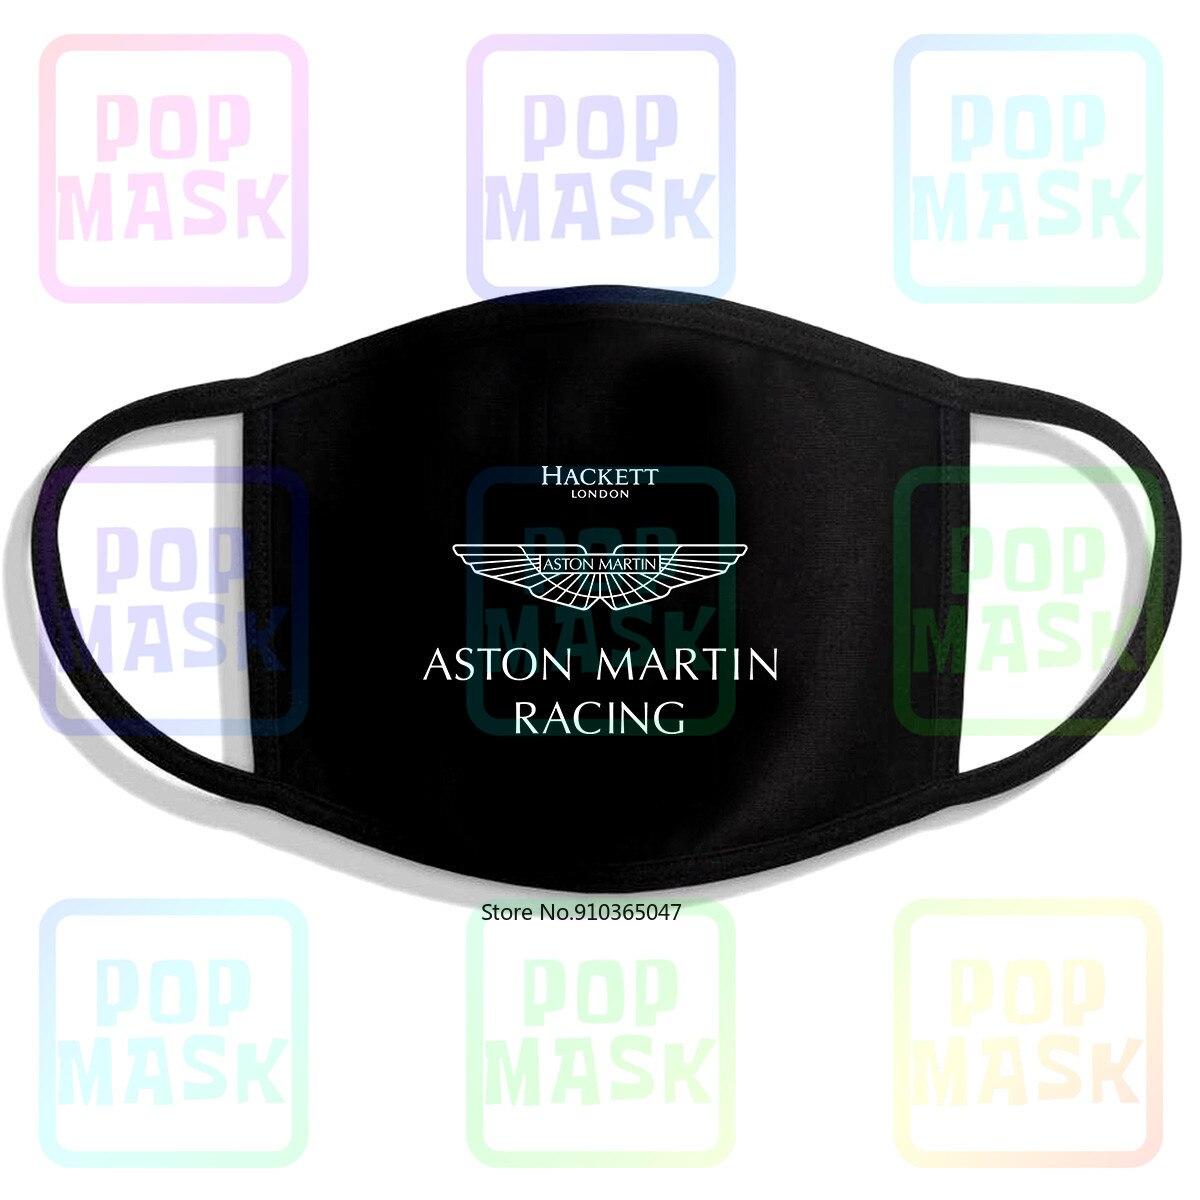 Aston martin racing team nova 2019 mercadoria reutilizável algodão anti poluição rosto máscara boca